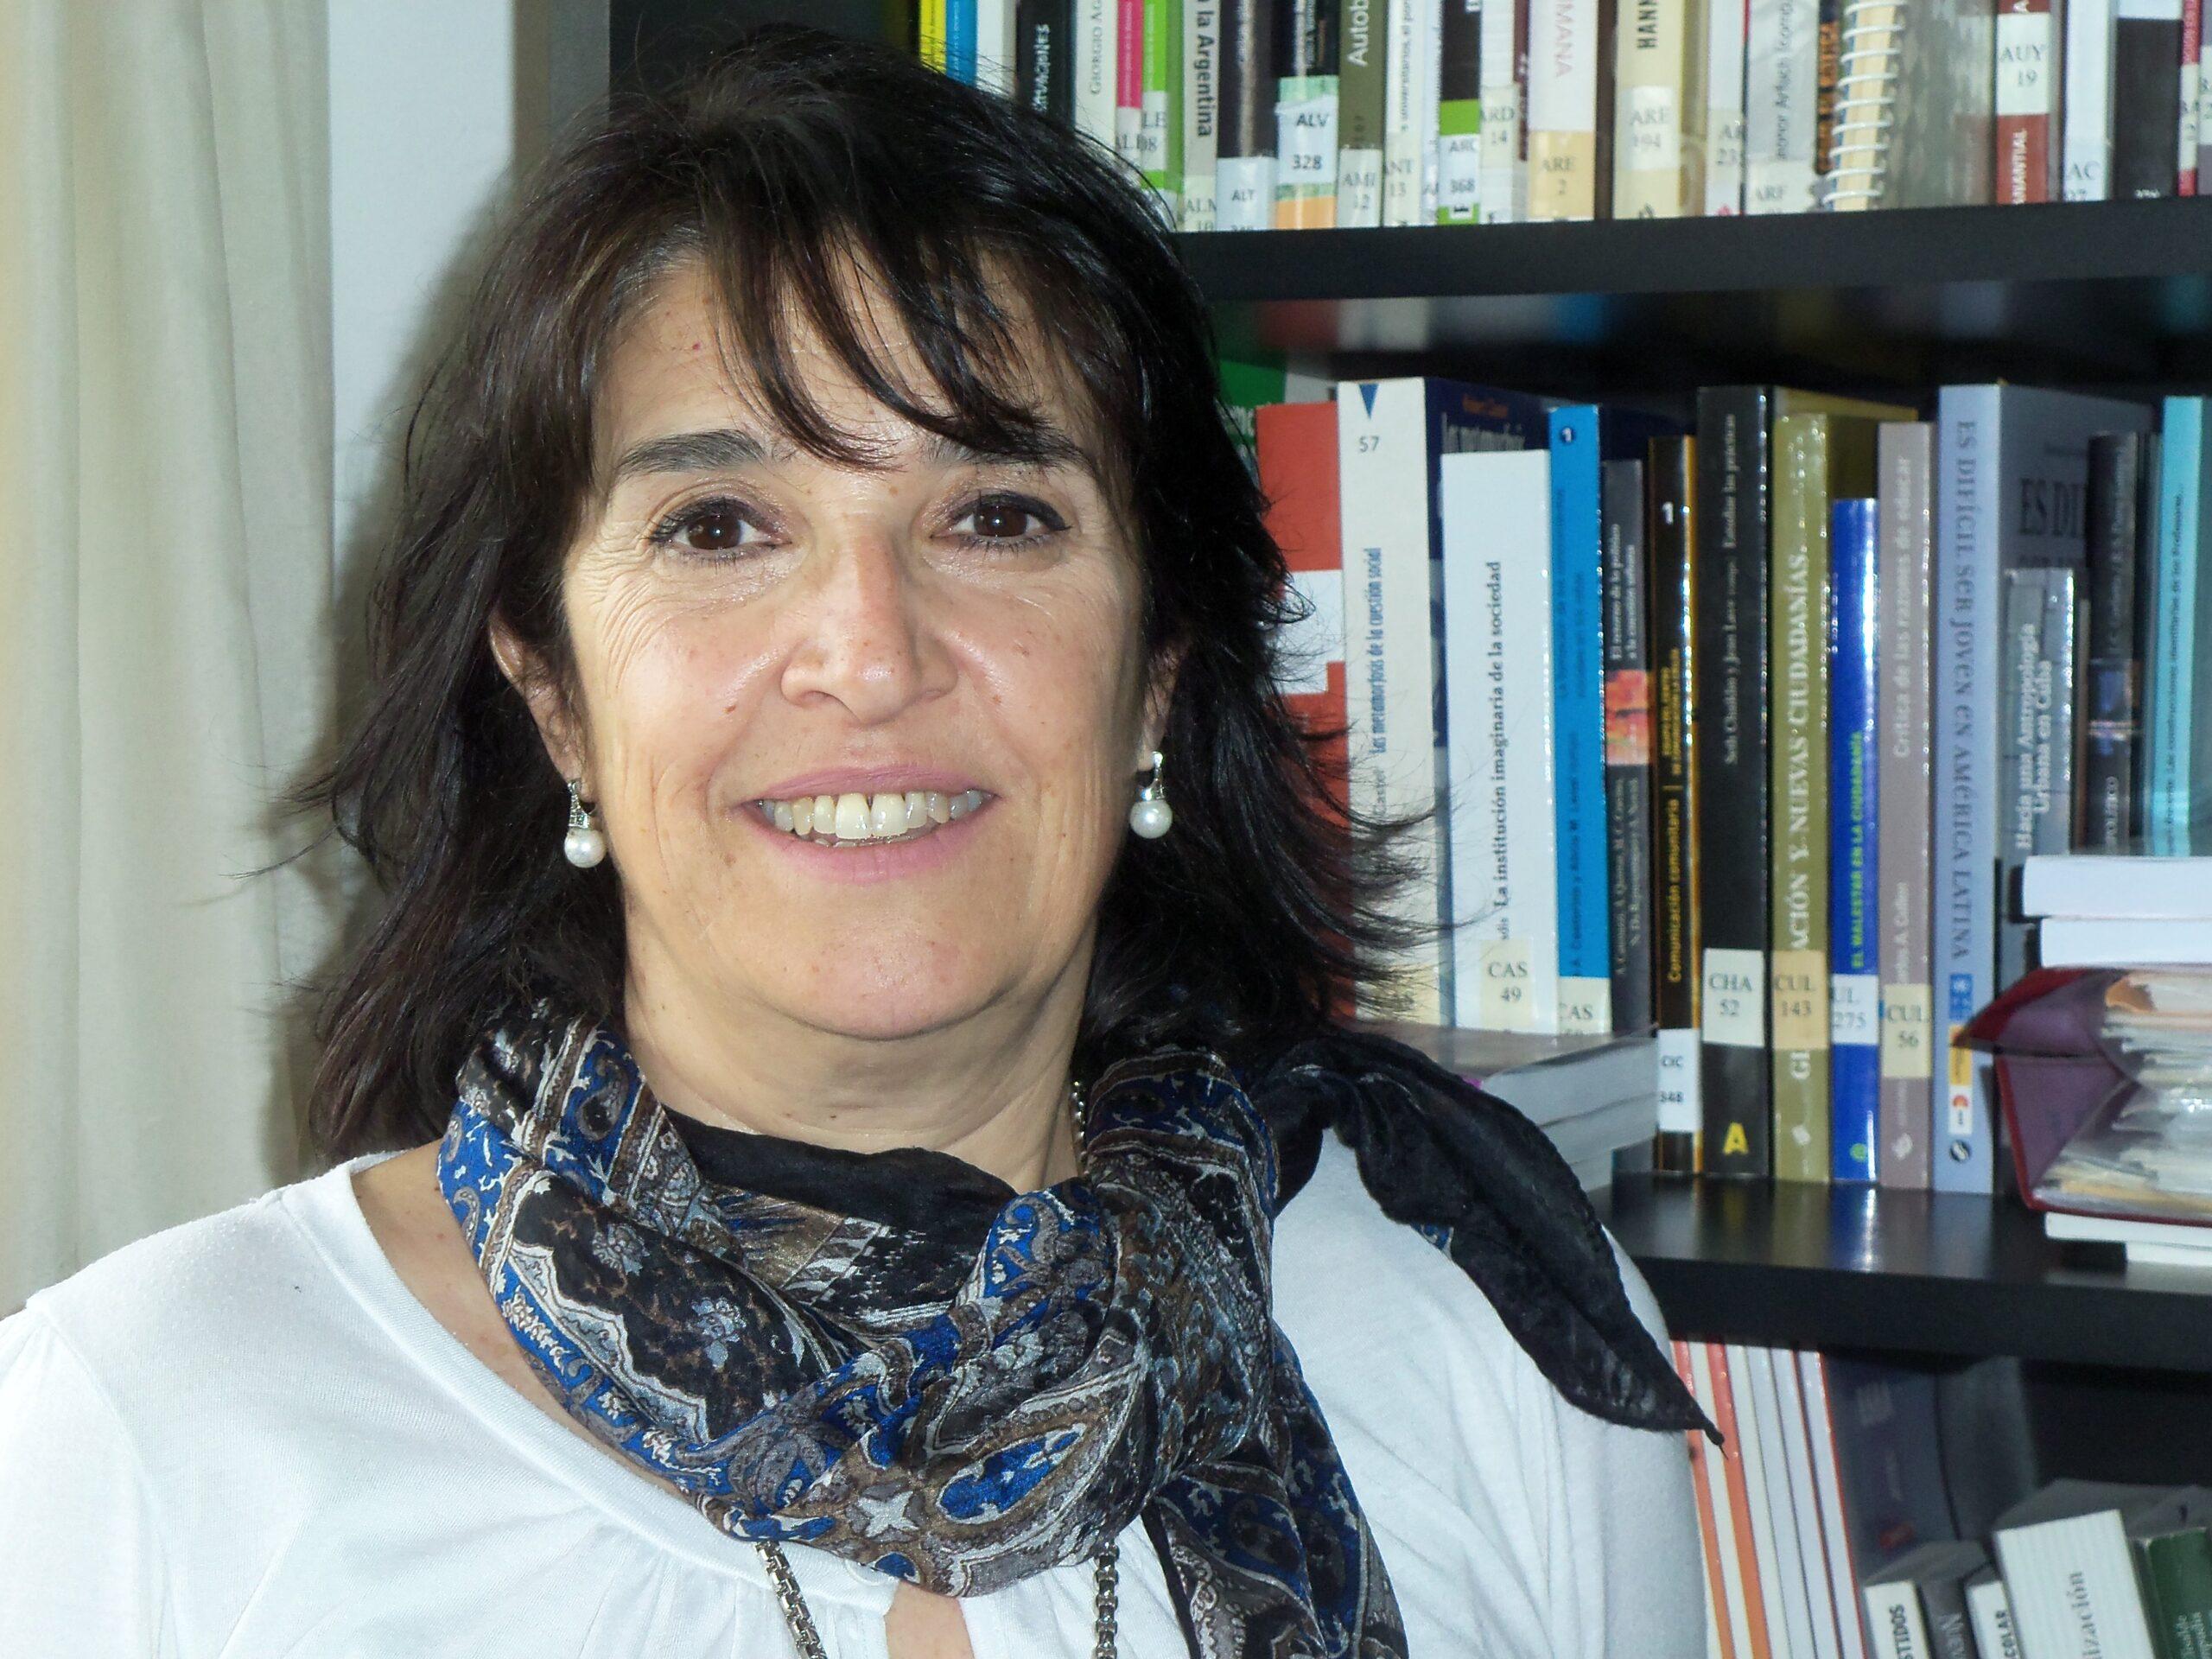 Analía Errobidart